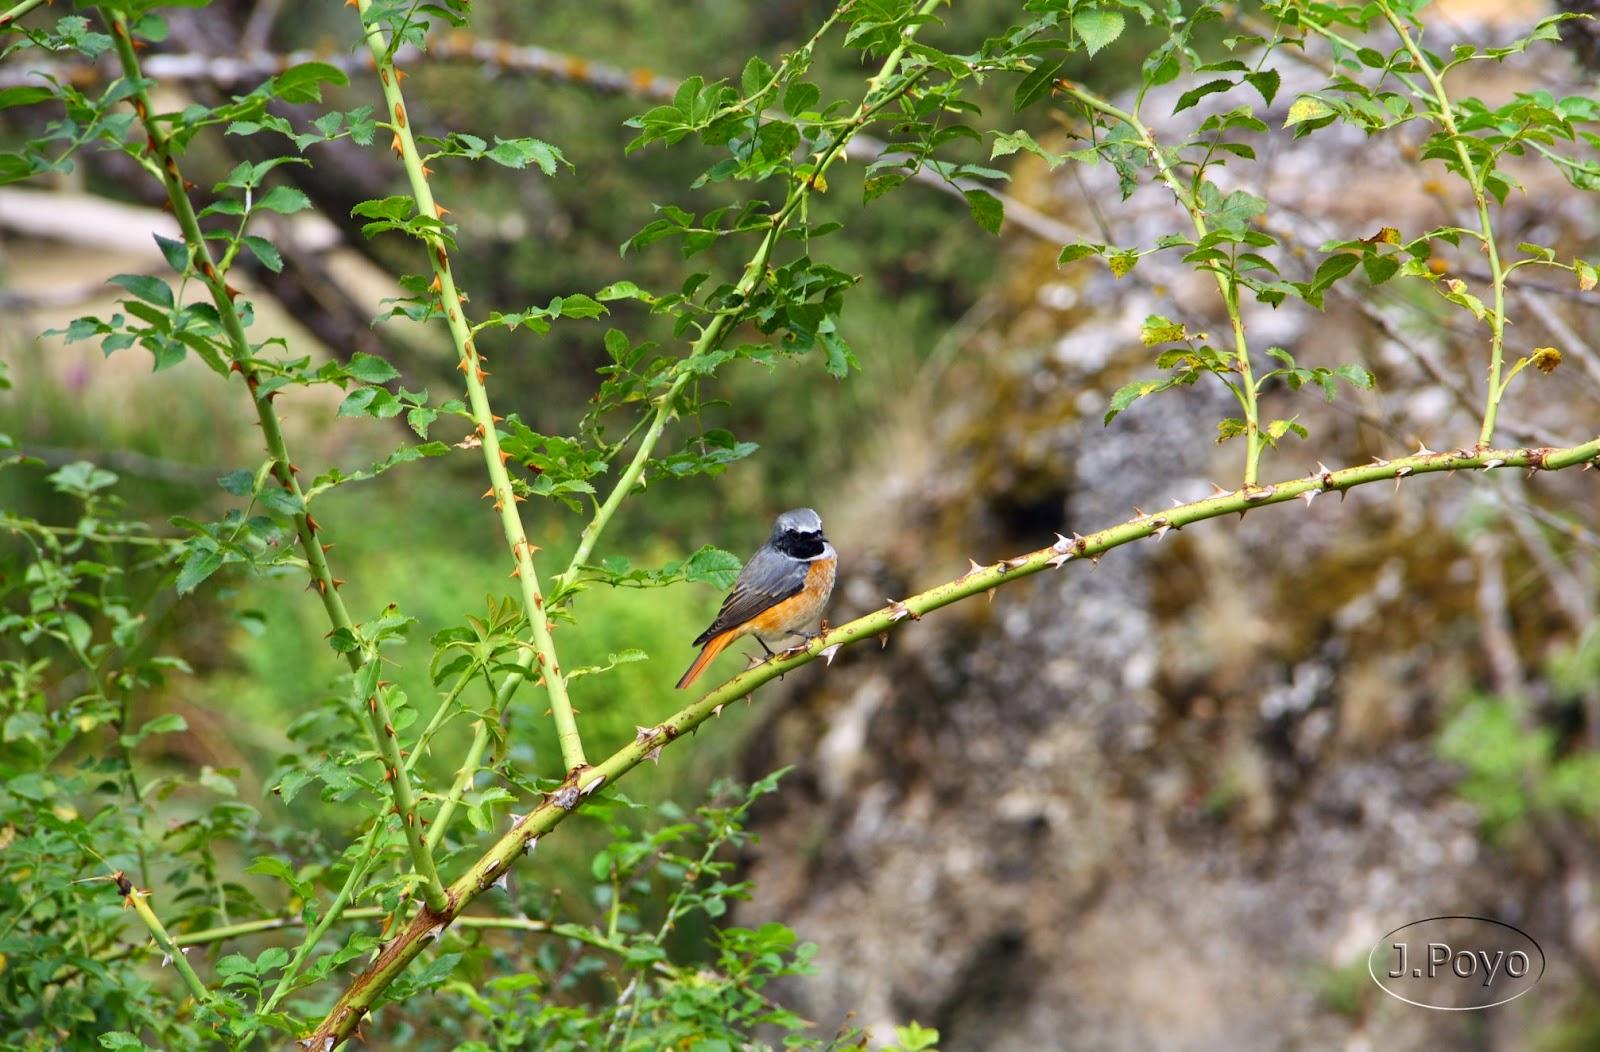 Parque Natural del Río Lobos